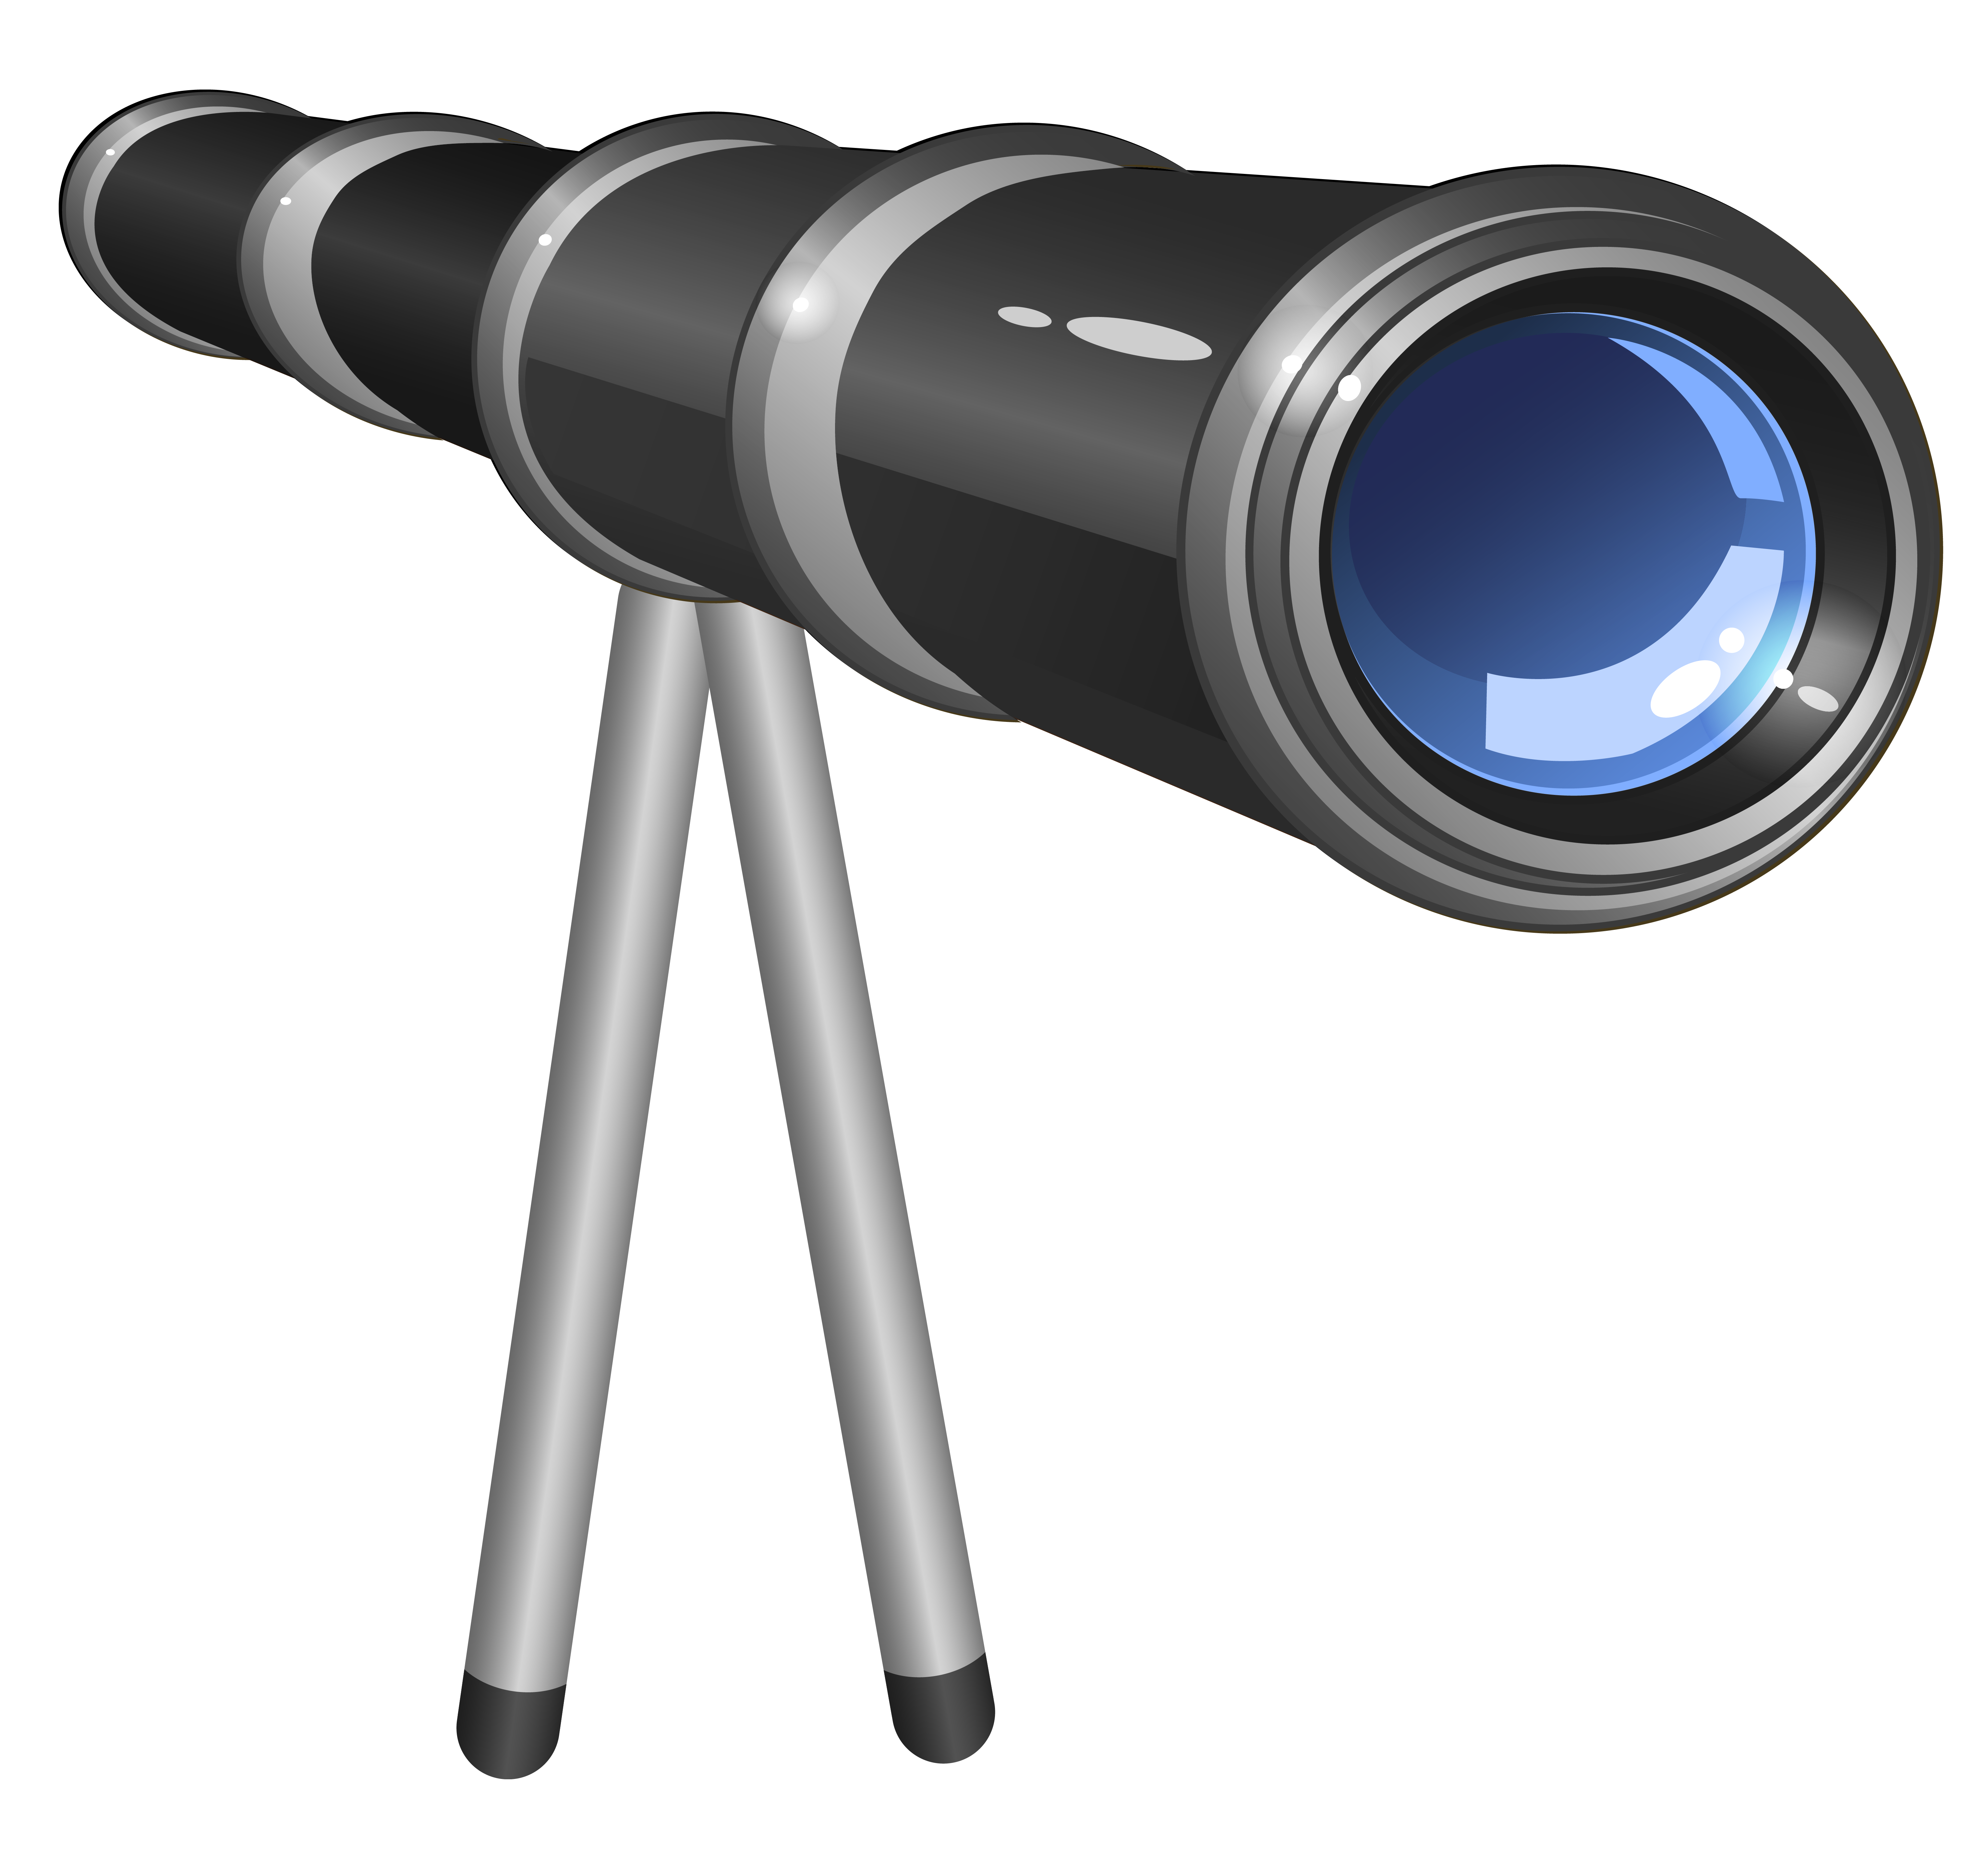 Free Telescope Cliparts, Download Free Clip Art, Free Clip.